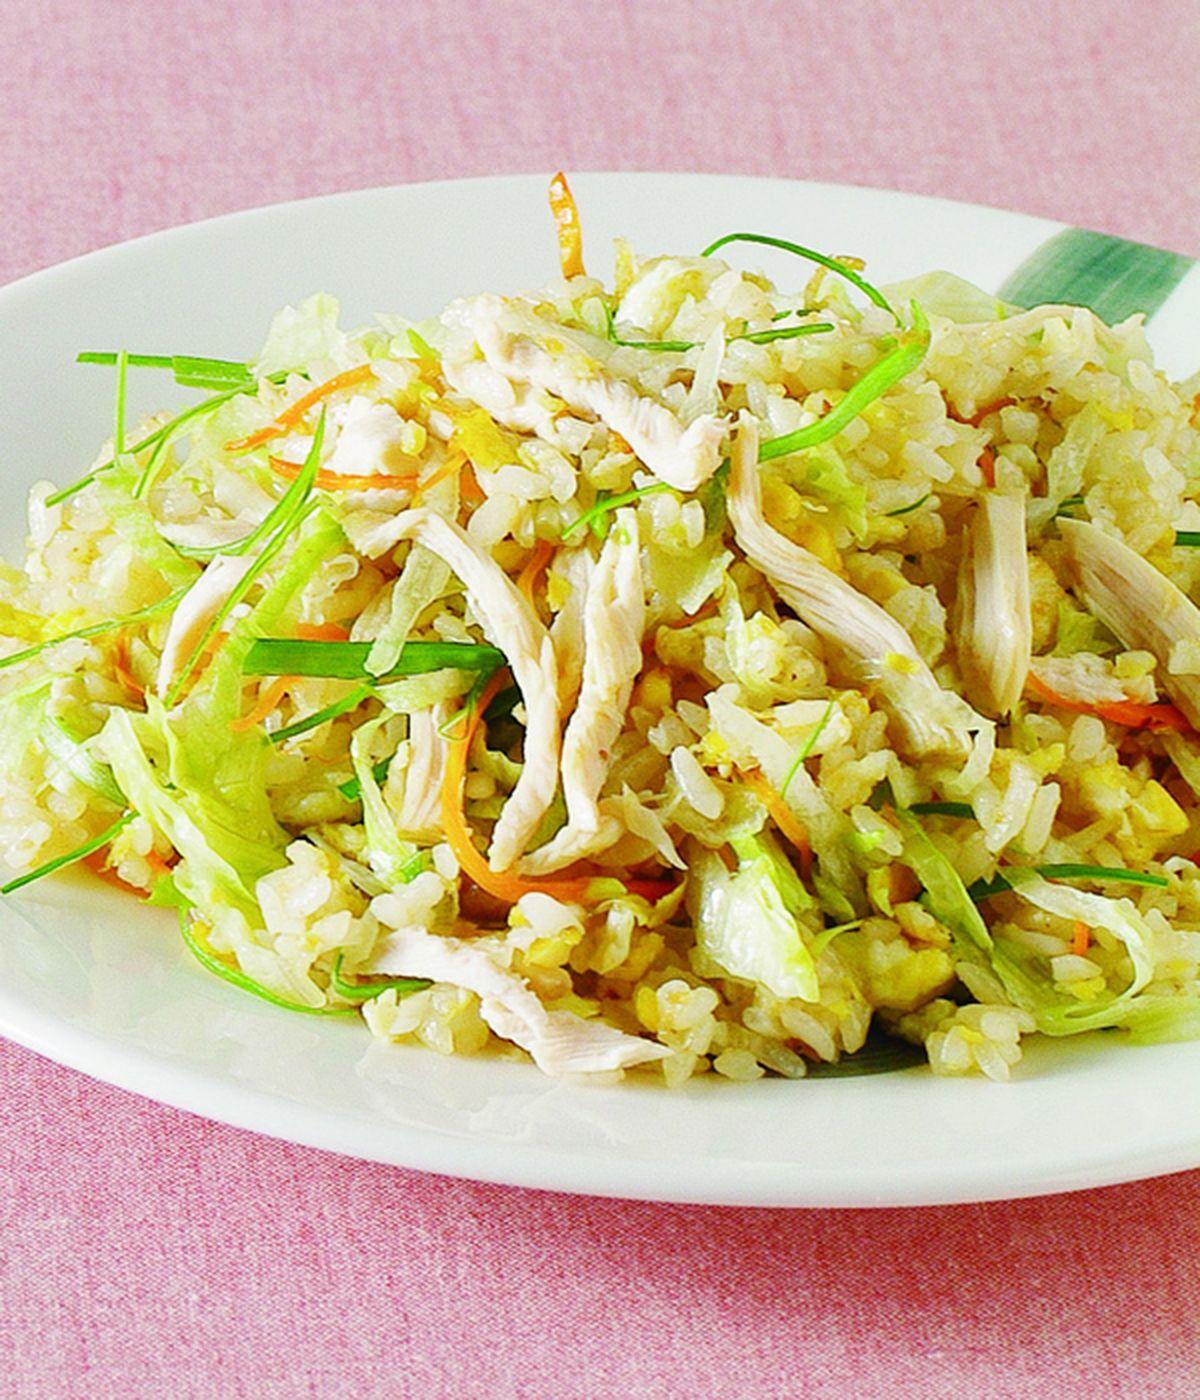 食譜:什錦電鍋炒飯